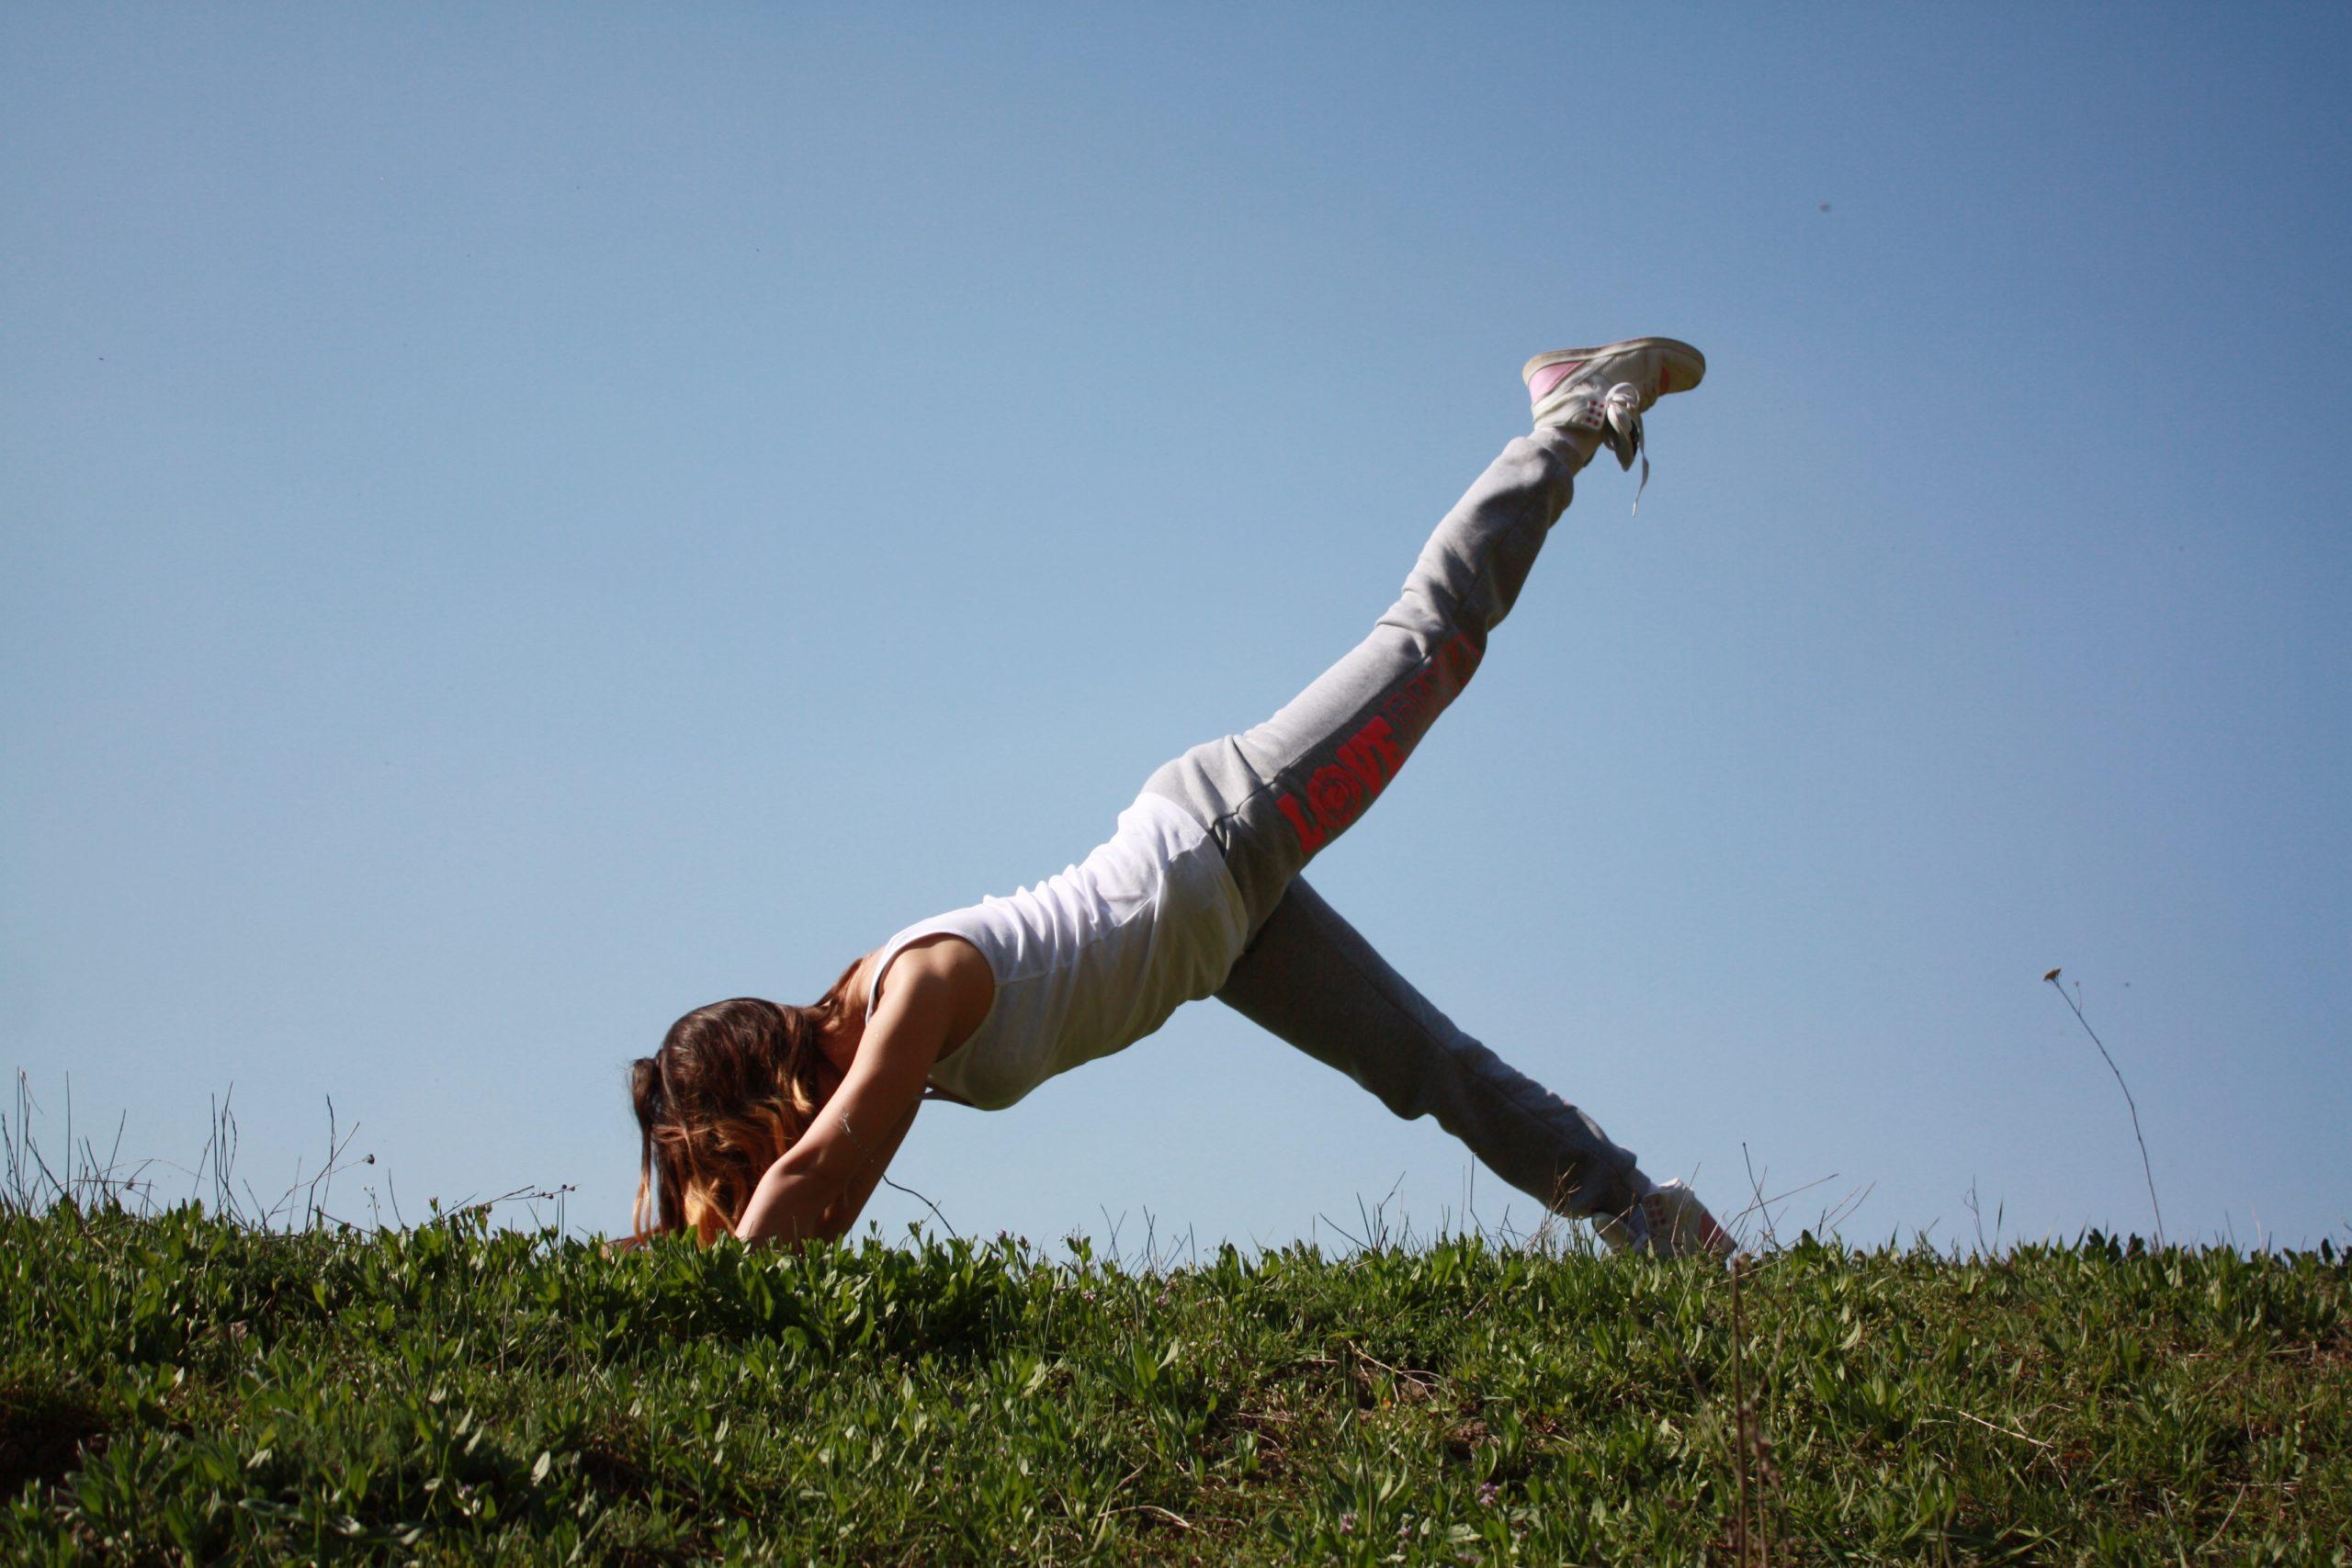 Alla scoperta del Pilates all'aria aperta